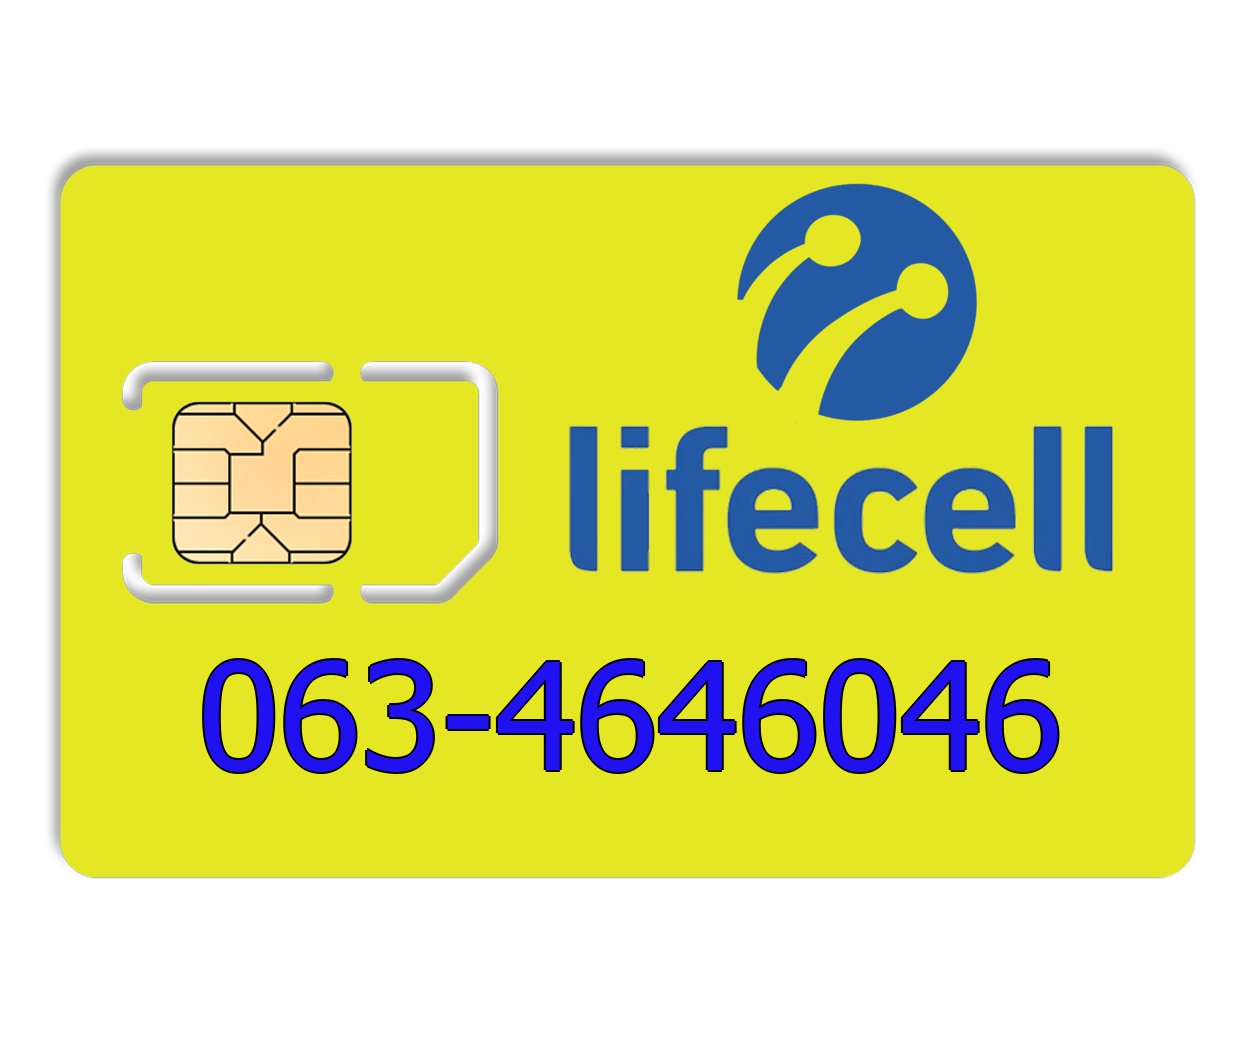 Красивый номер lifecell 063-4646046